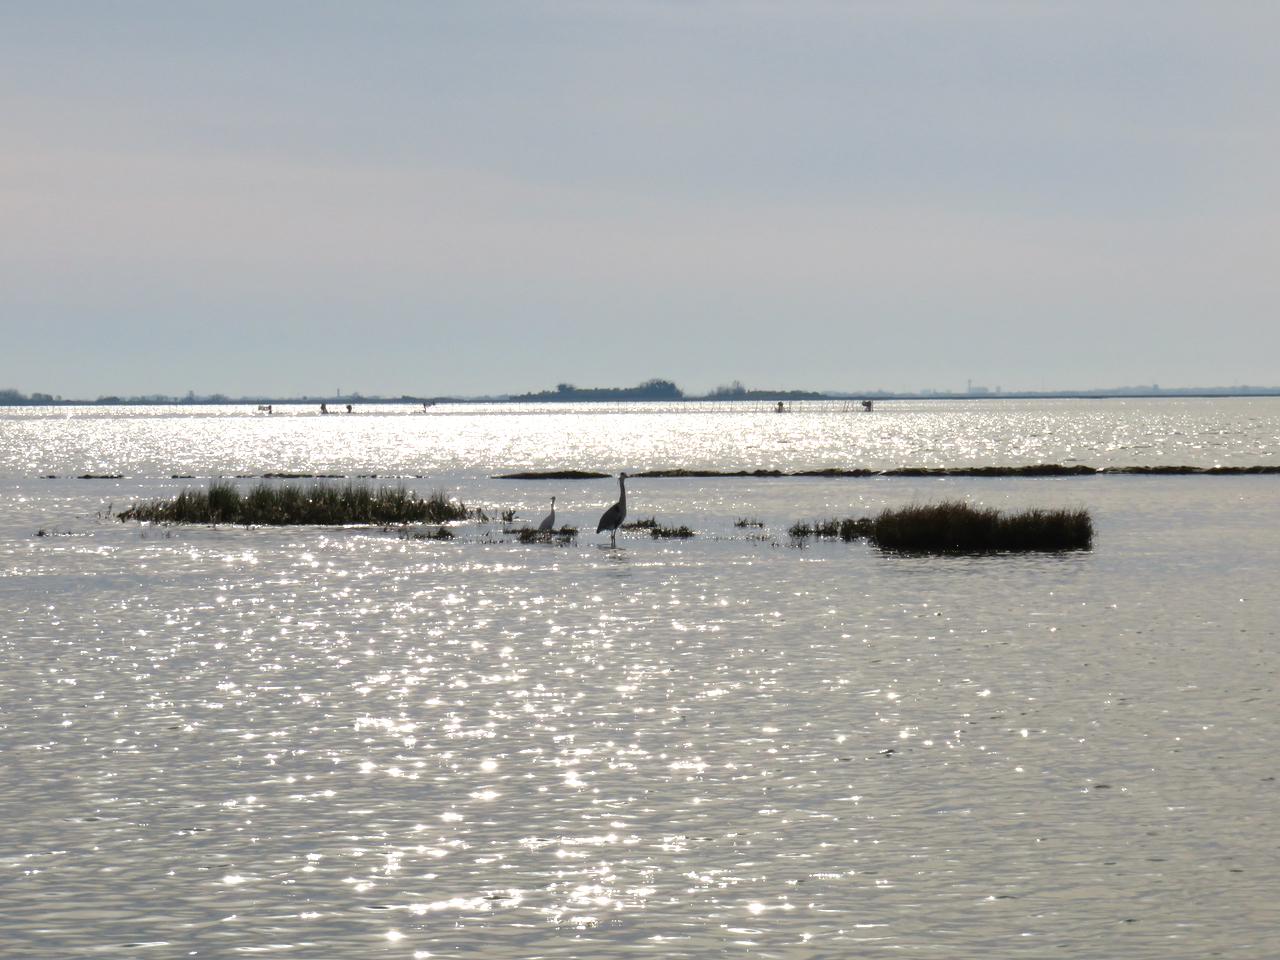 Venezia, origini di Venezia, Torcello, Slow Venice, biodiversità laguna